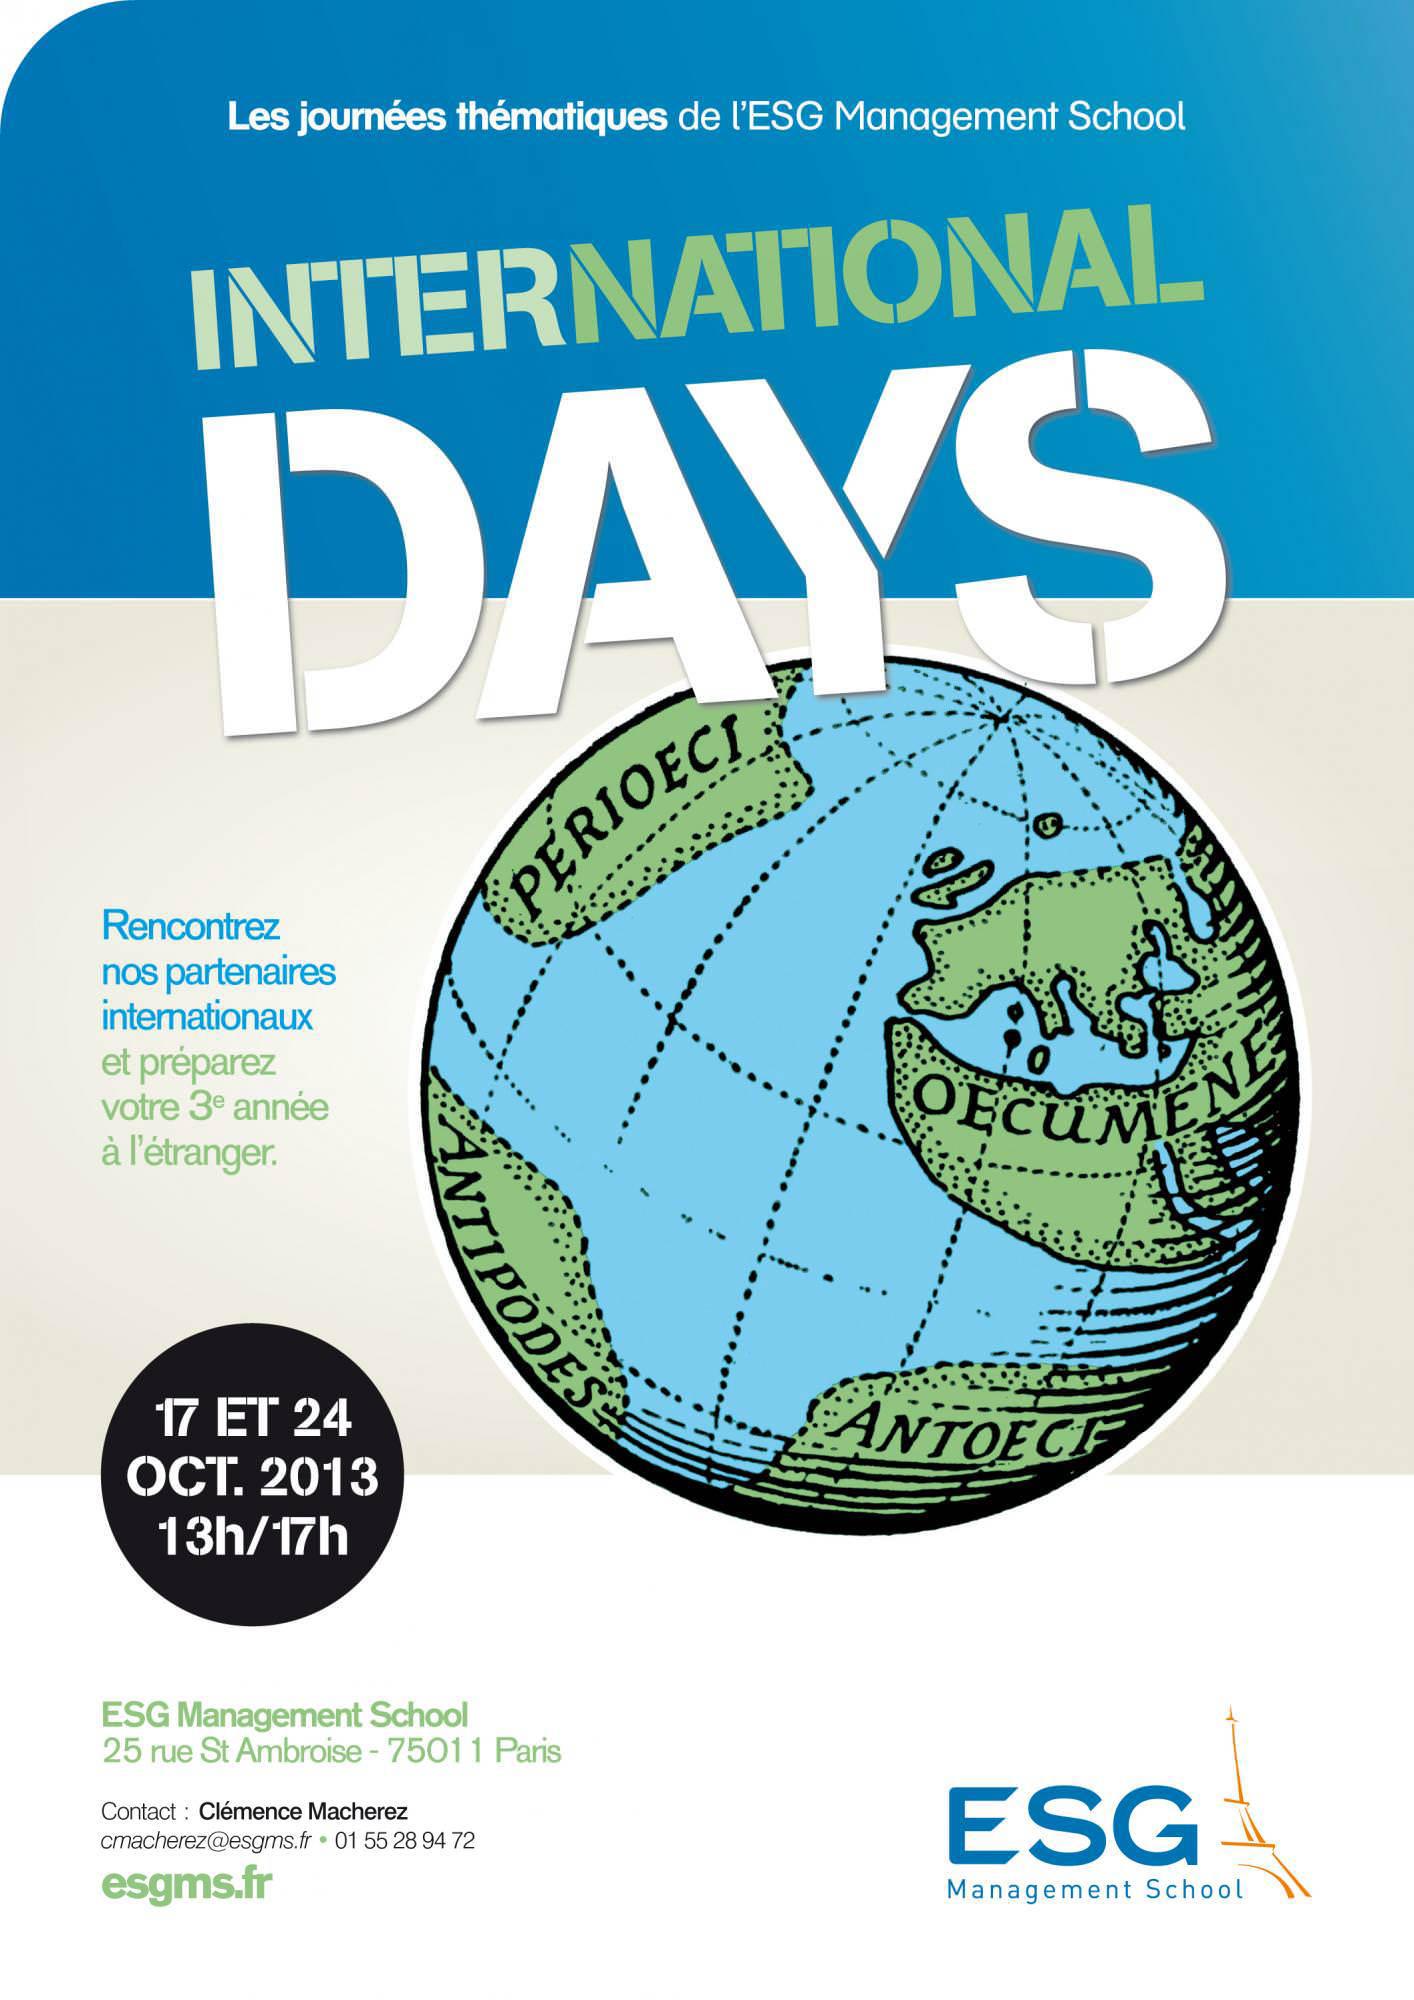 24 octobre 2013 : Journée internationale à l'ESG Management School